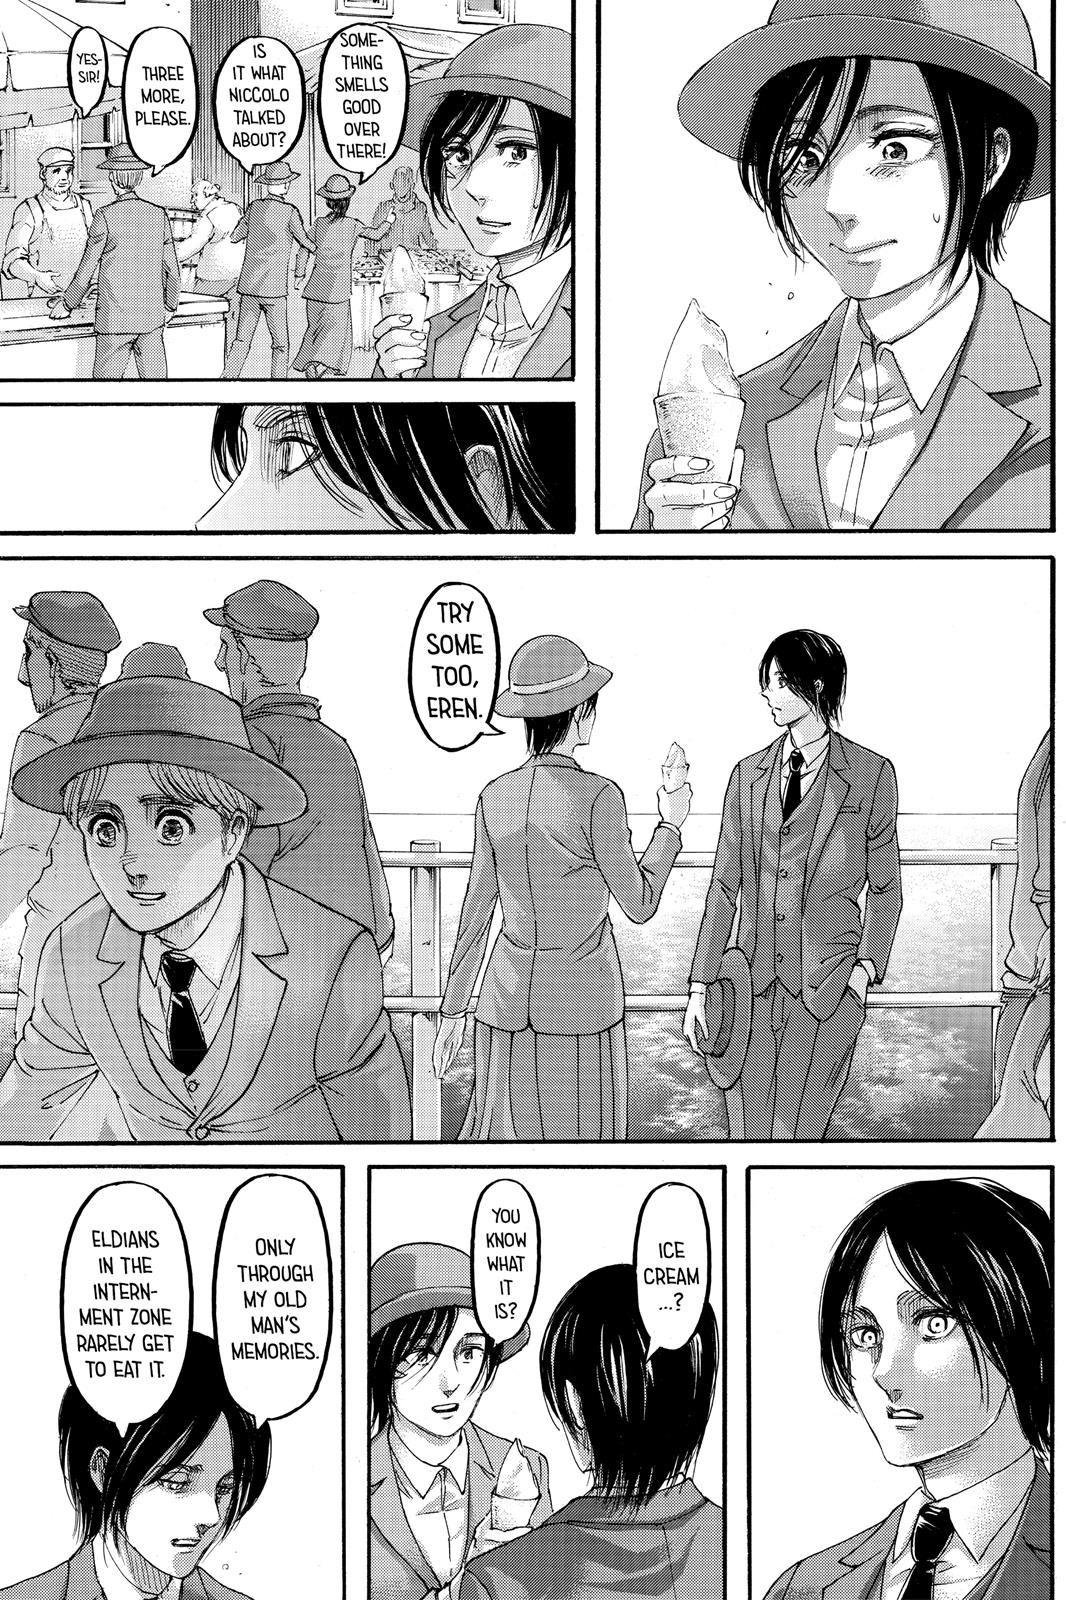 Shingeki no Kyojin Chapter 123 Page 8   Eren and mikasa ...